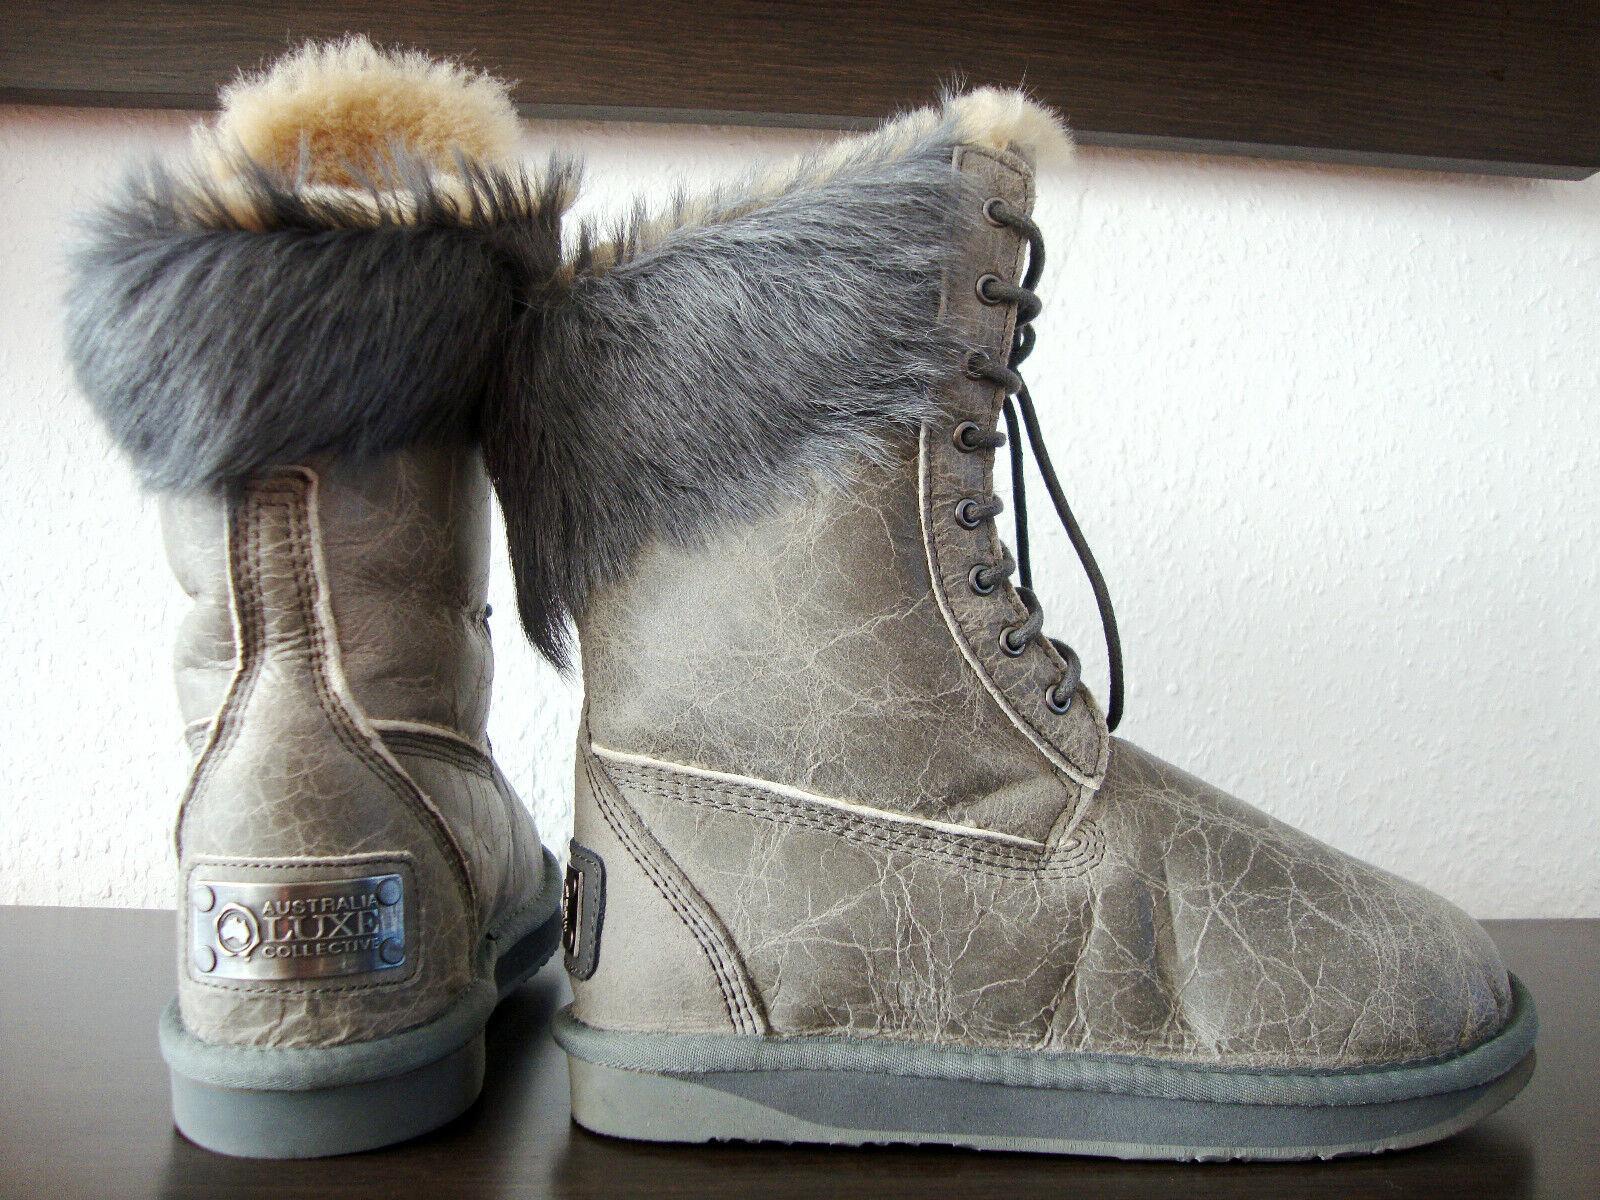 Grandes zapatos con descuento AUSTRALIA LUXE MONTANA SPECIAL Boots Pelz Damen Stiefel Leder Schuhe Gr.37 NEU